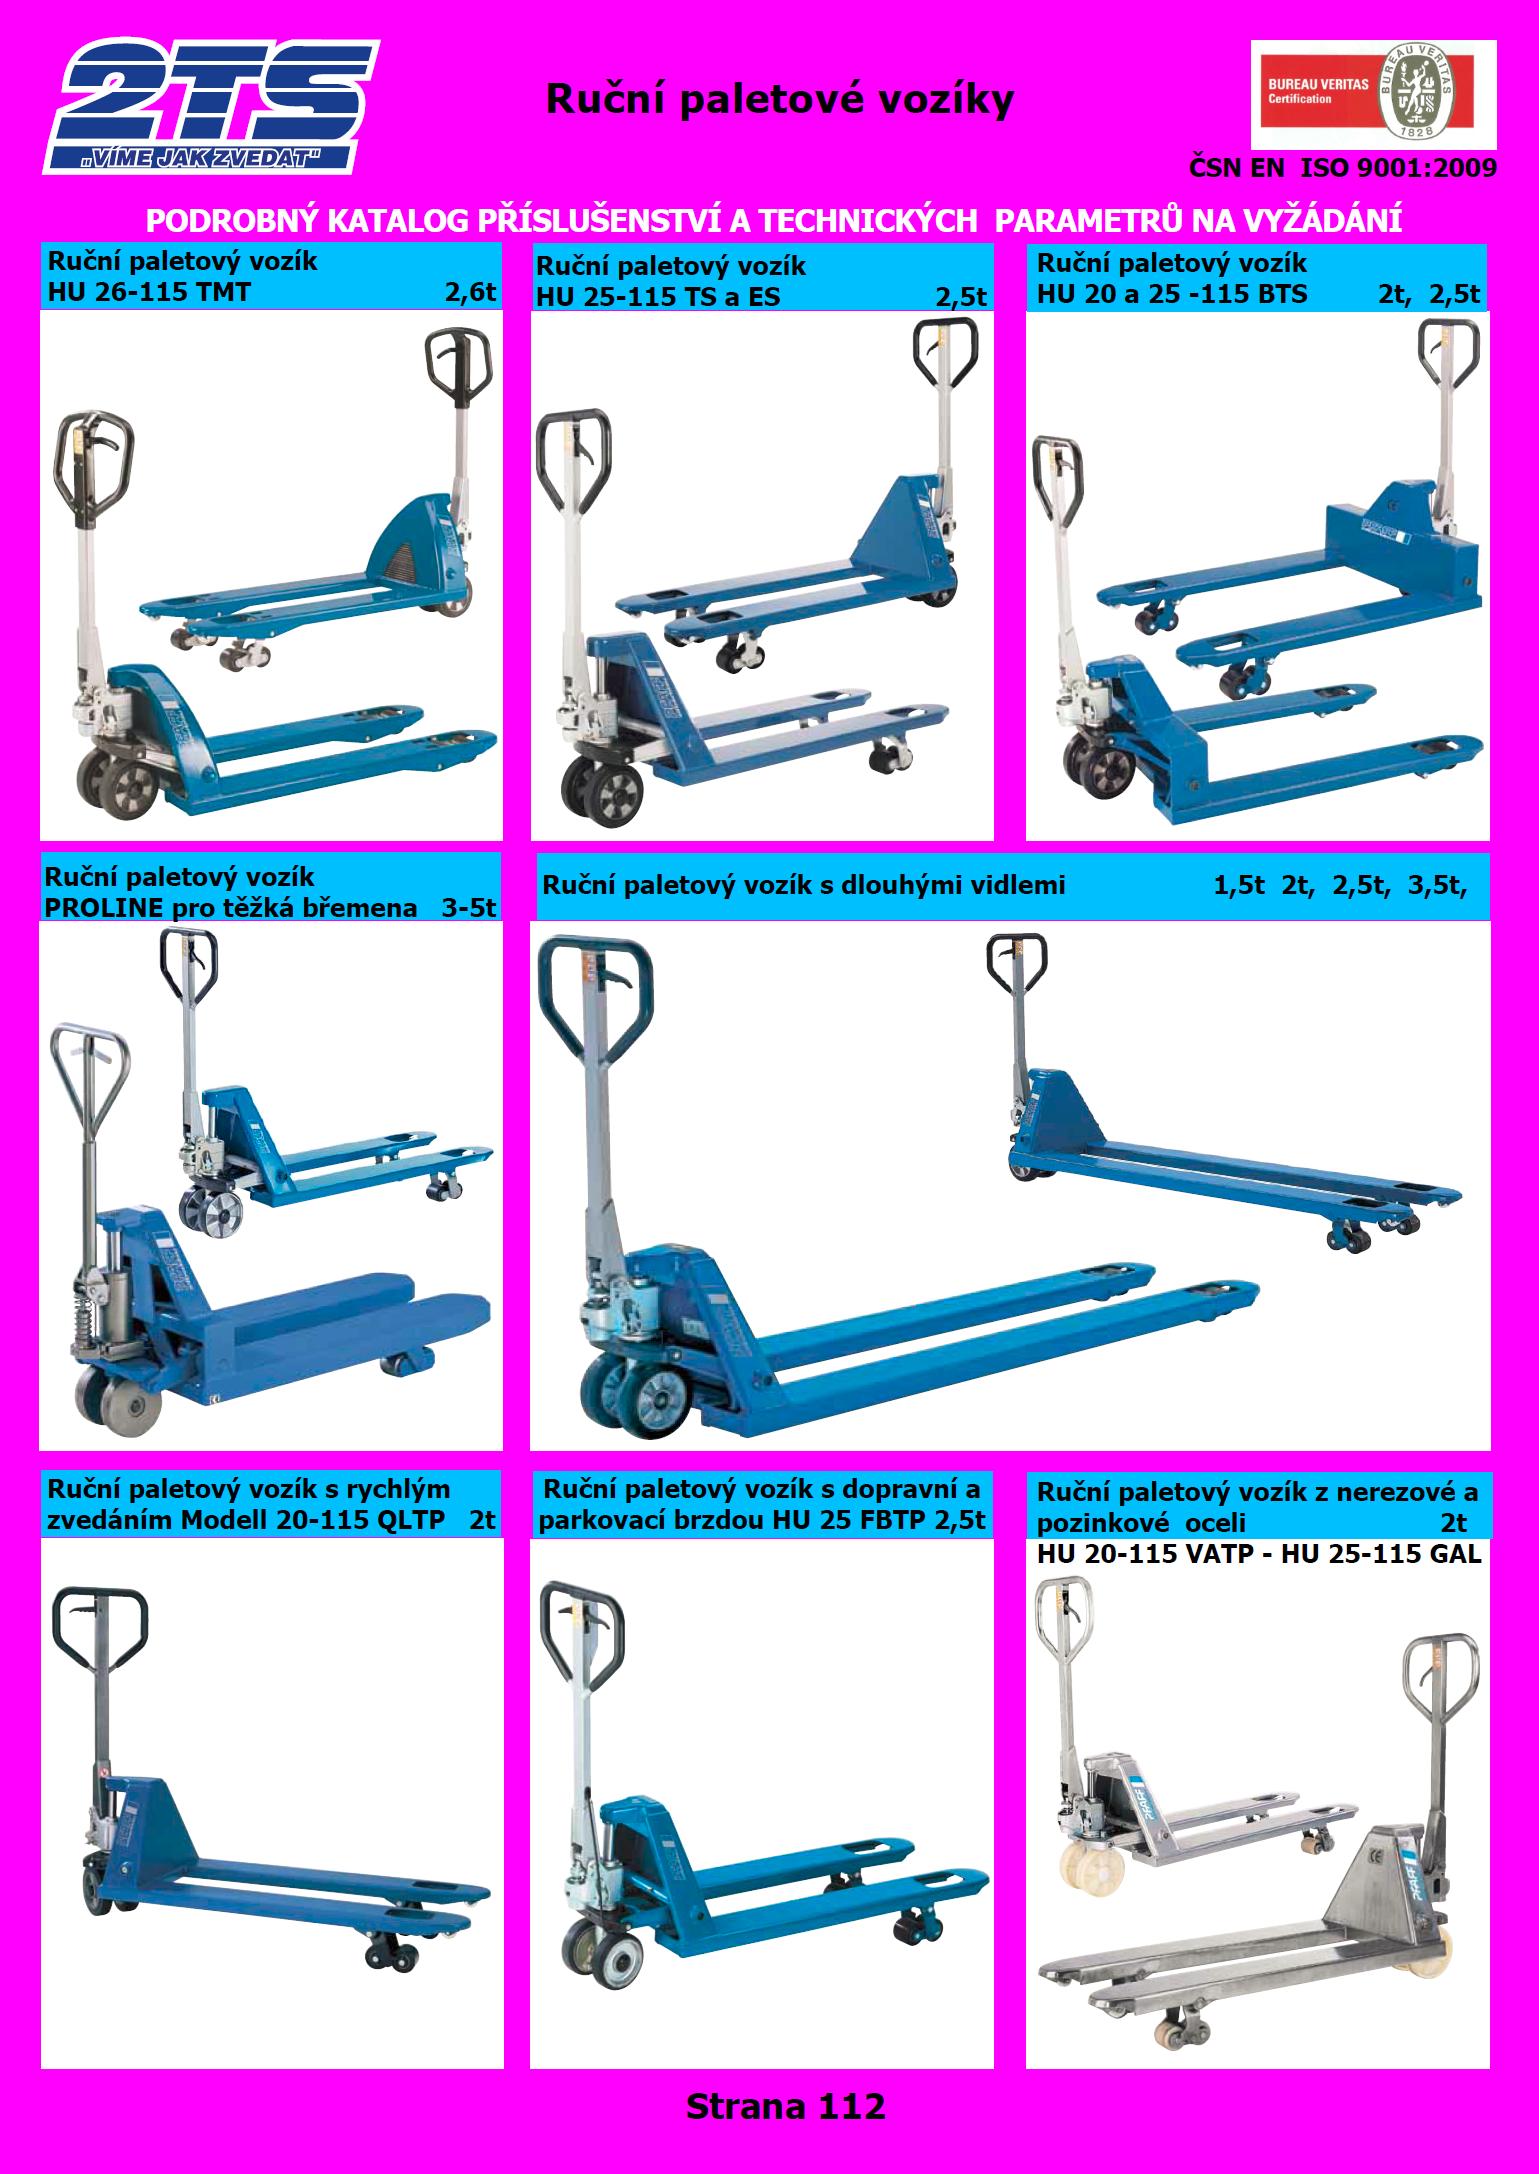 Ruční paletové vozíky